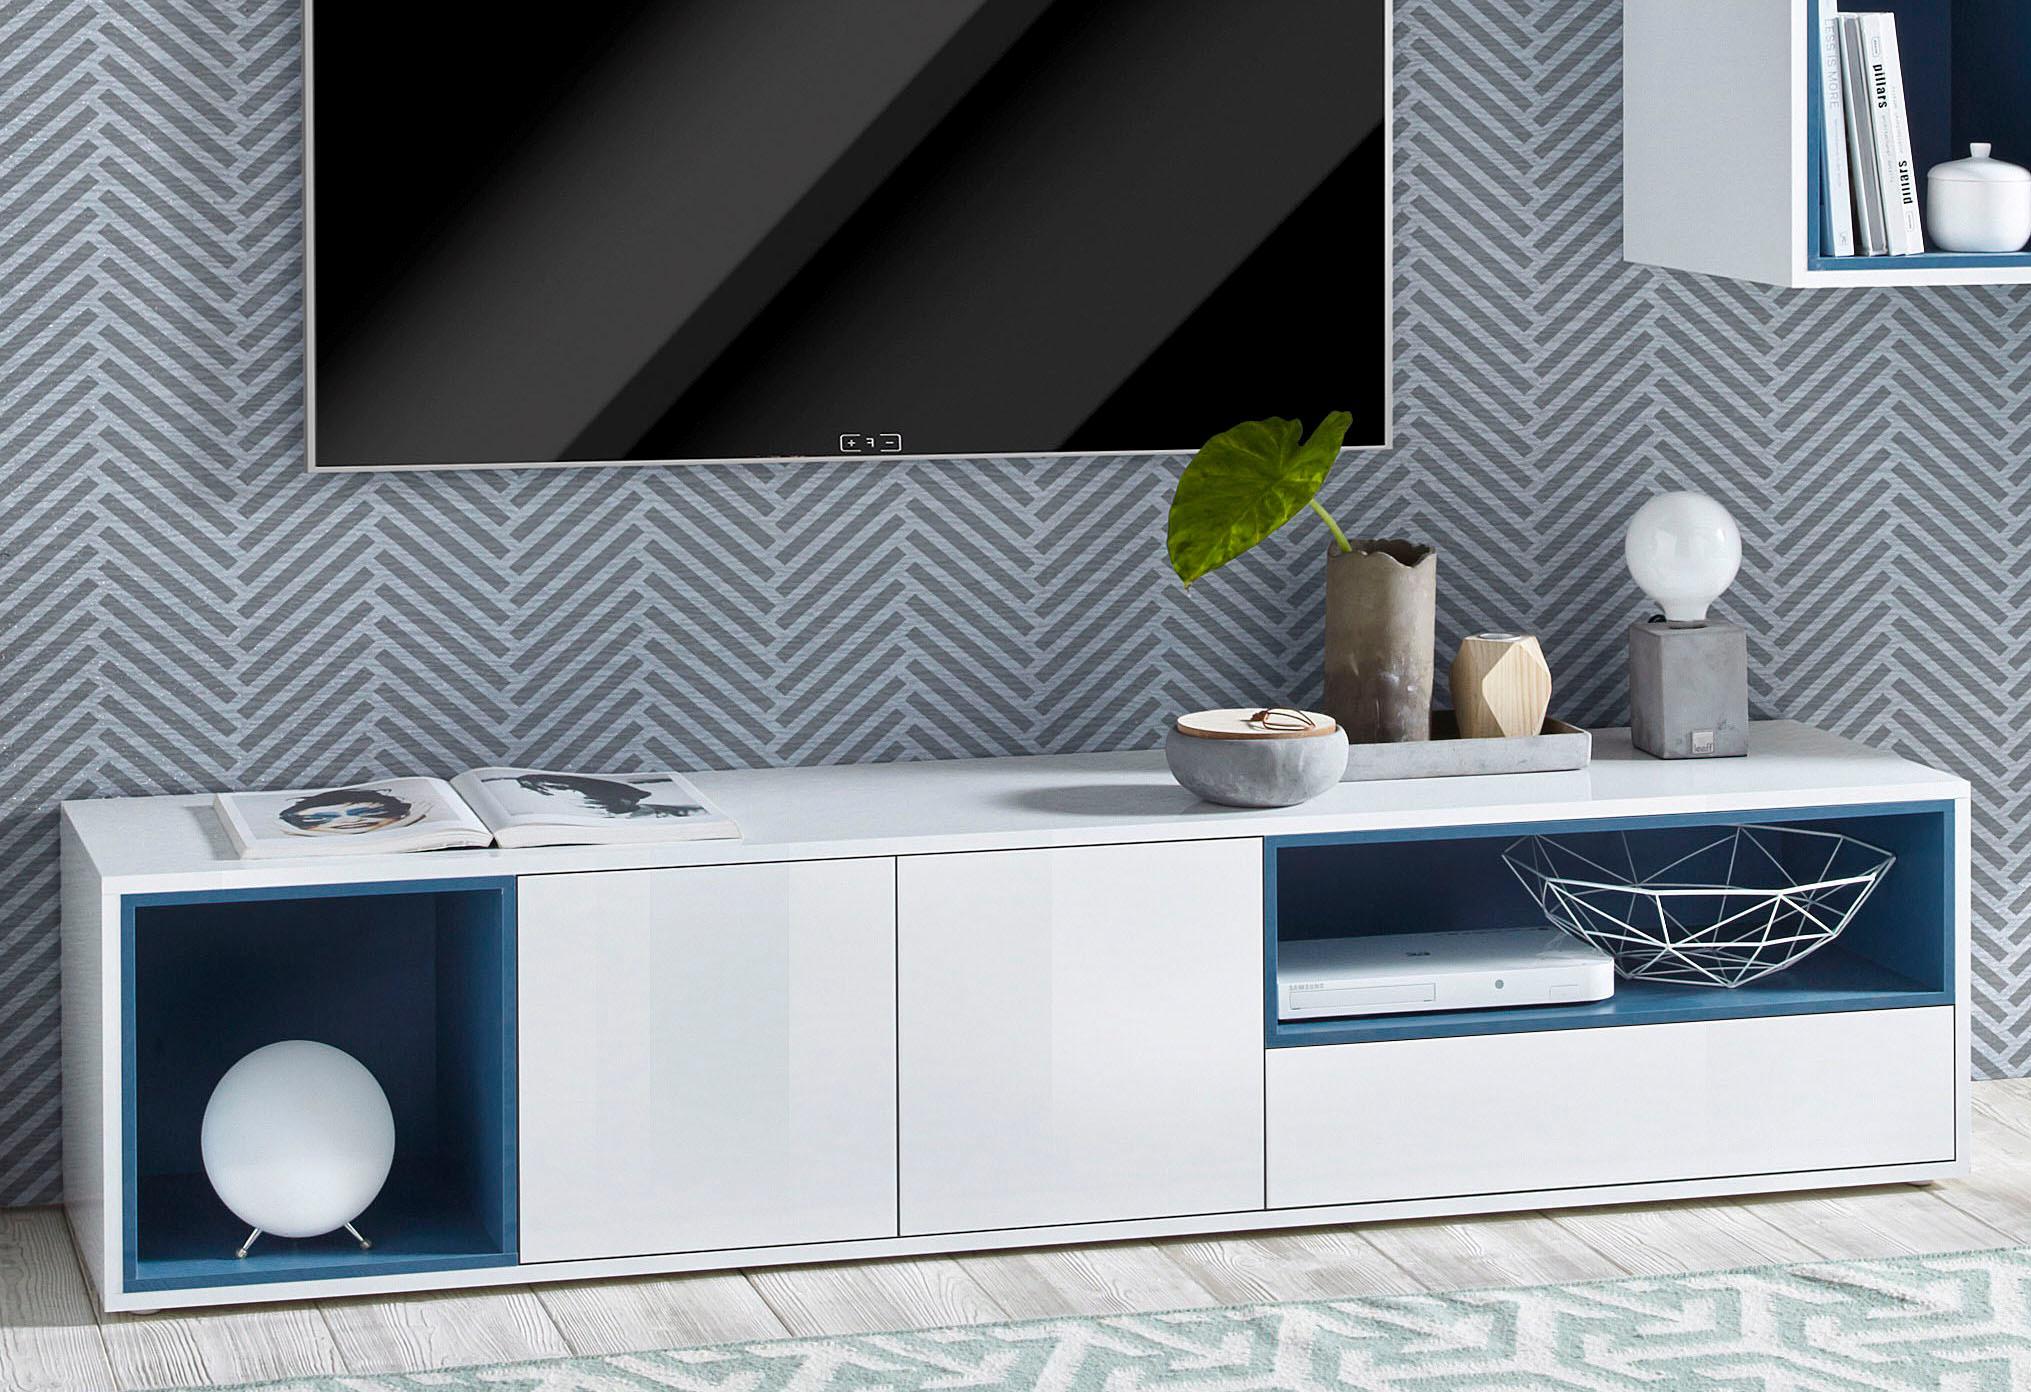 tv lowboard design holz hochglanz amera, möbel und accessoires fürs wohnzimmer online kaufen | möbel, Design ideen